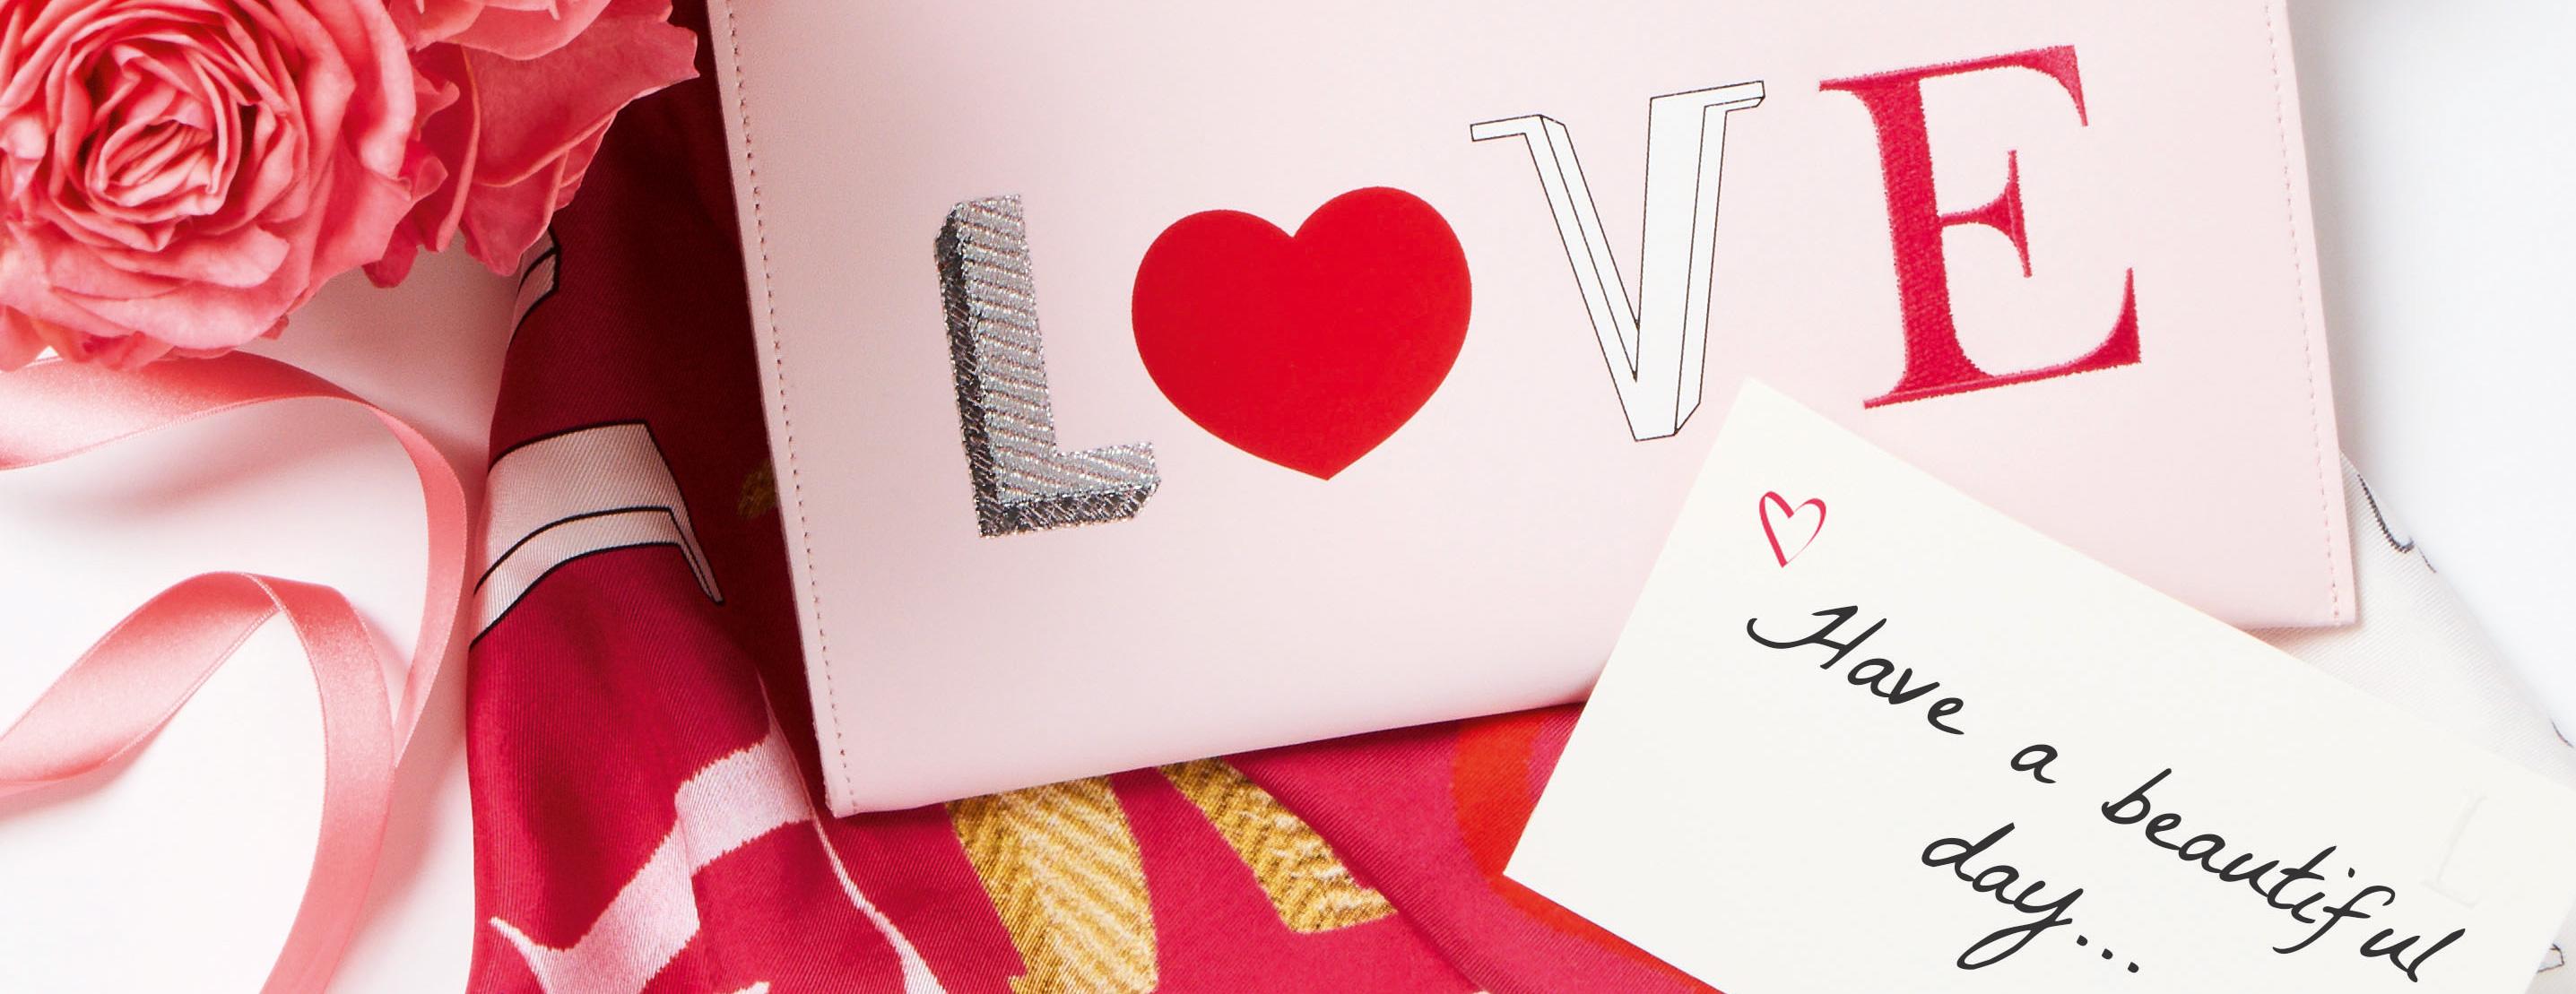 Longchamp Rilis Koleksi Terbarunya untuk Hari Valentine